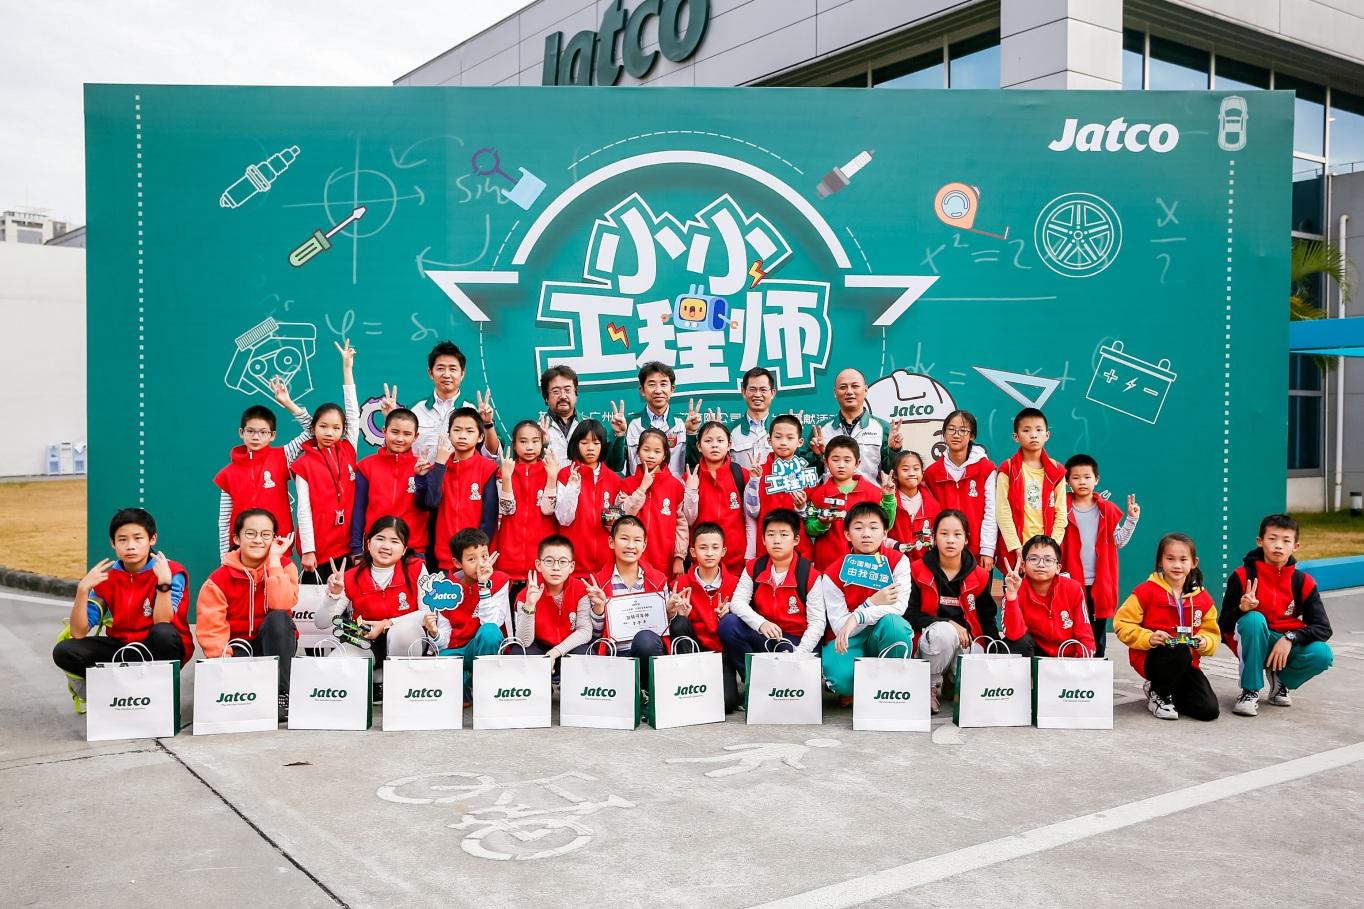 为未来主人翁筑梦 ——加特可广州第二届小小工程师活动顺利举办